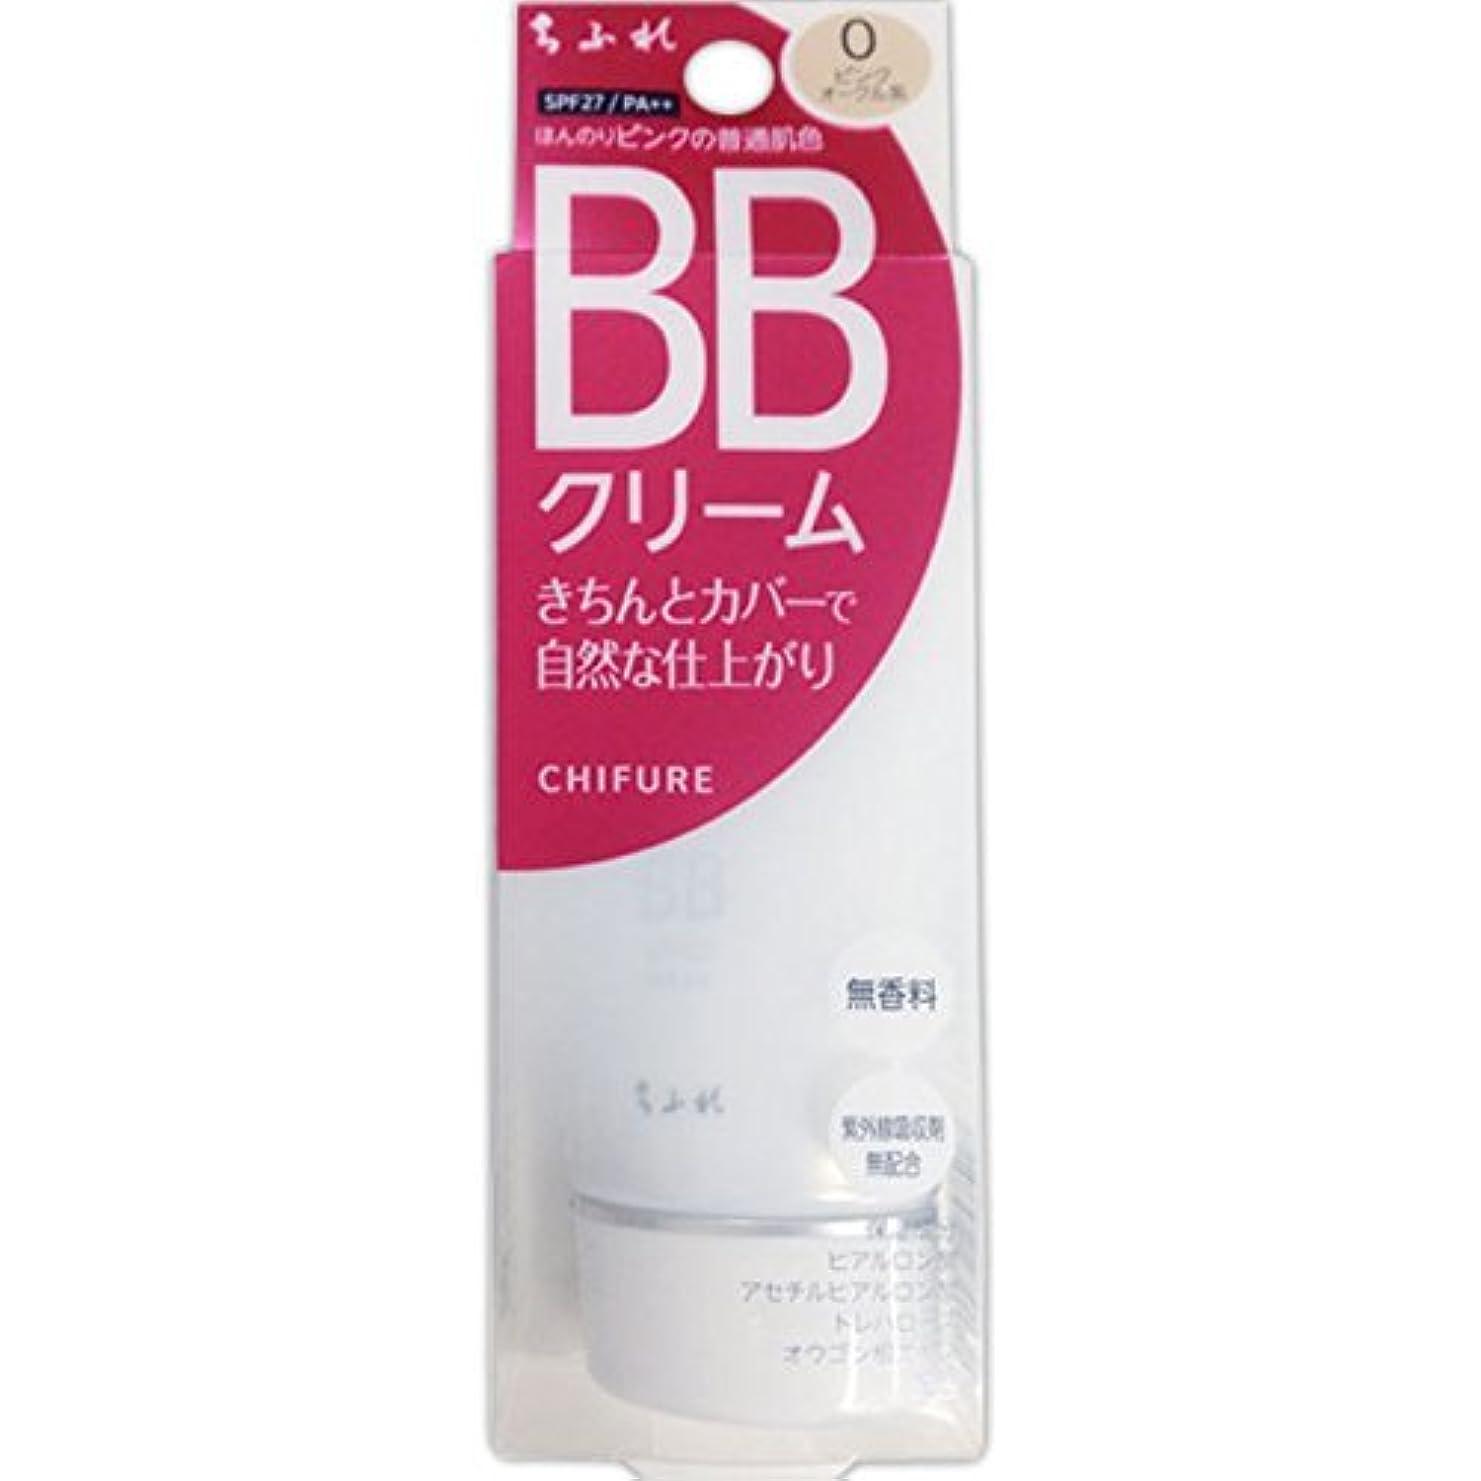 クラウドベスト効能ちふれ化粧品 BB クリーム ほんのりピンクの普通肌色 0